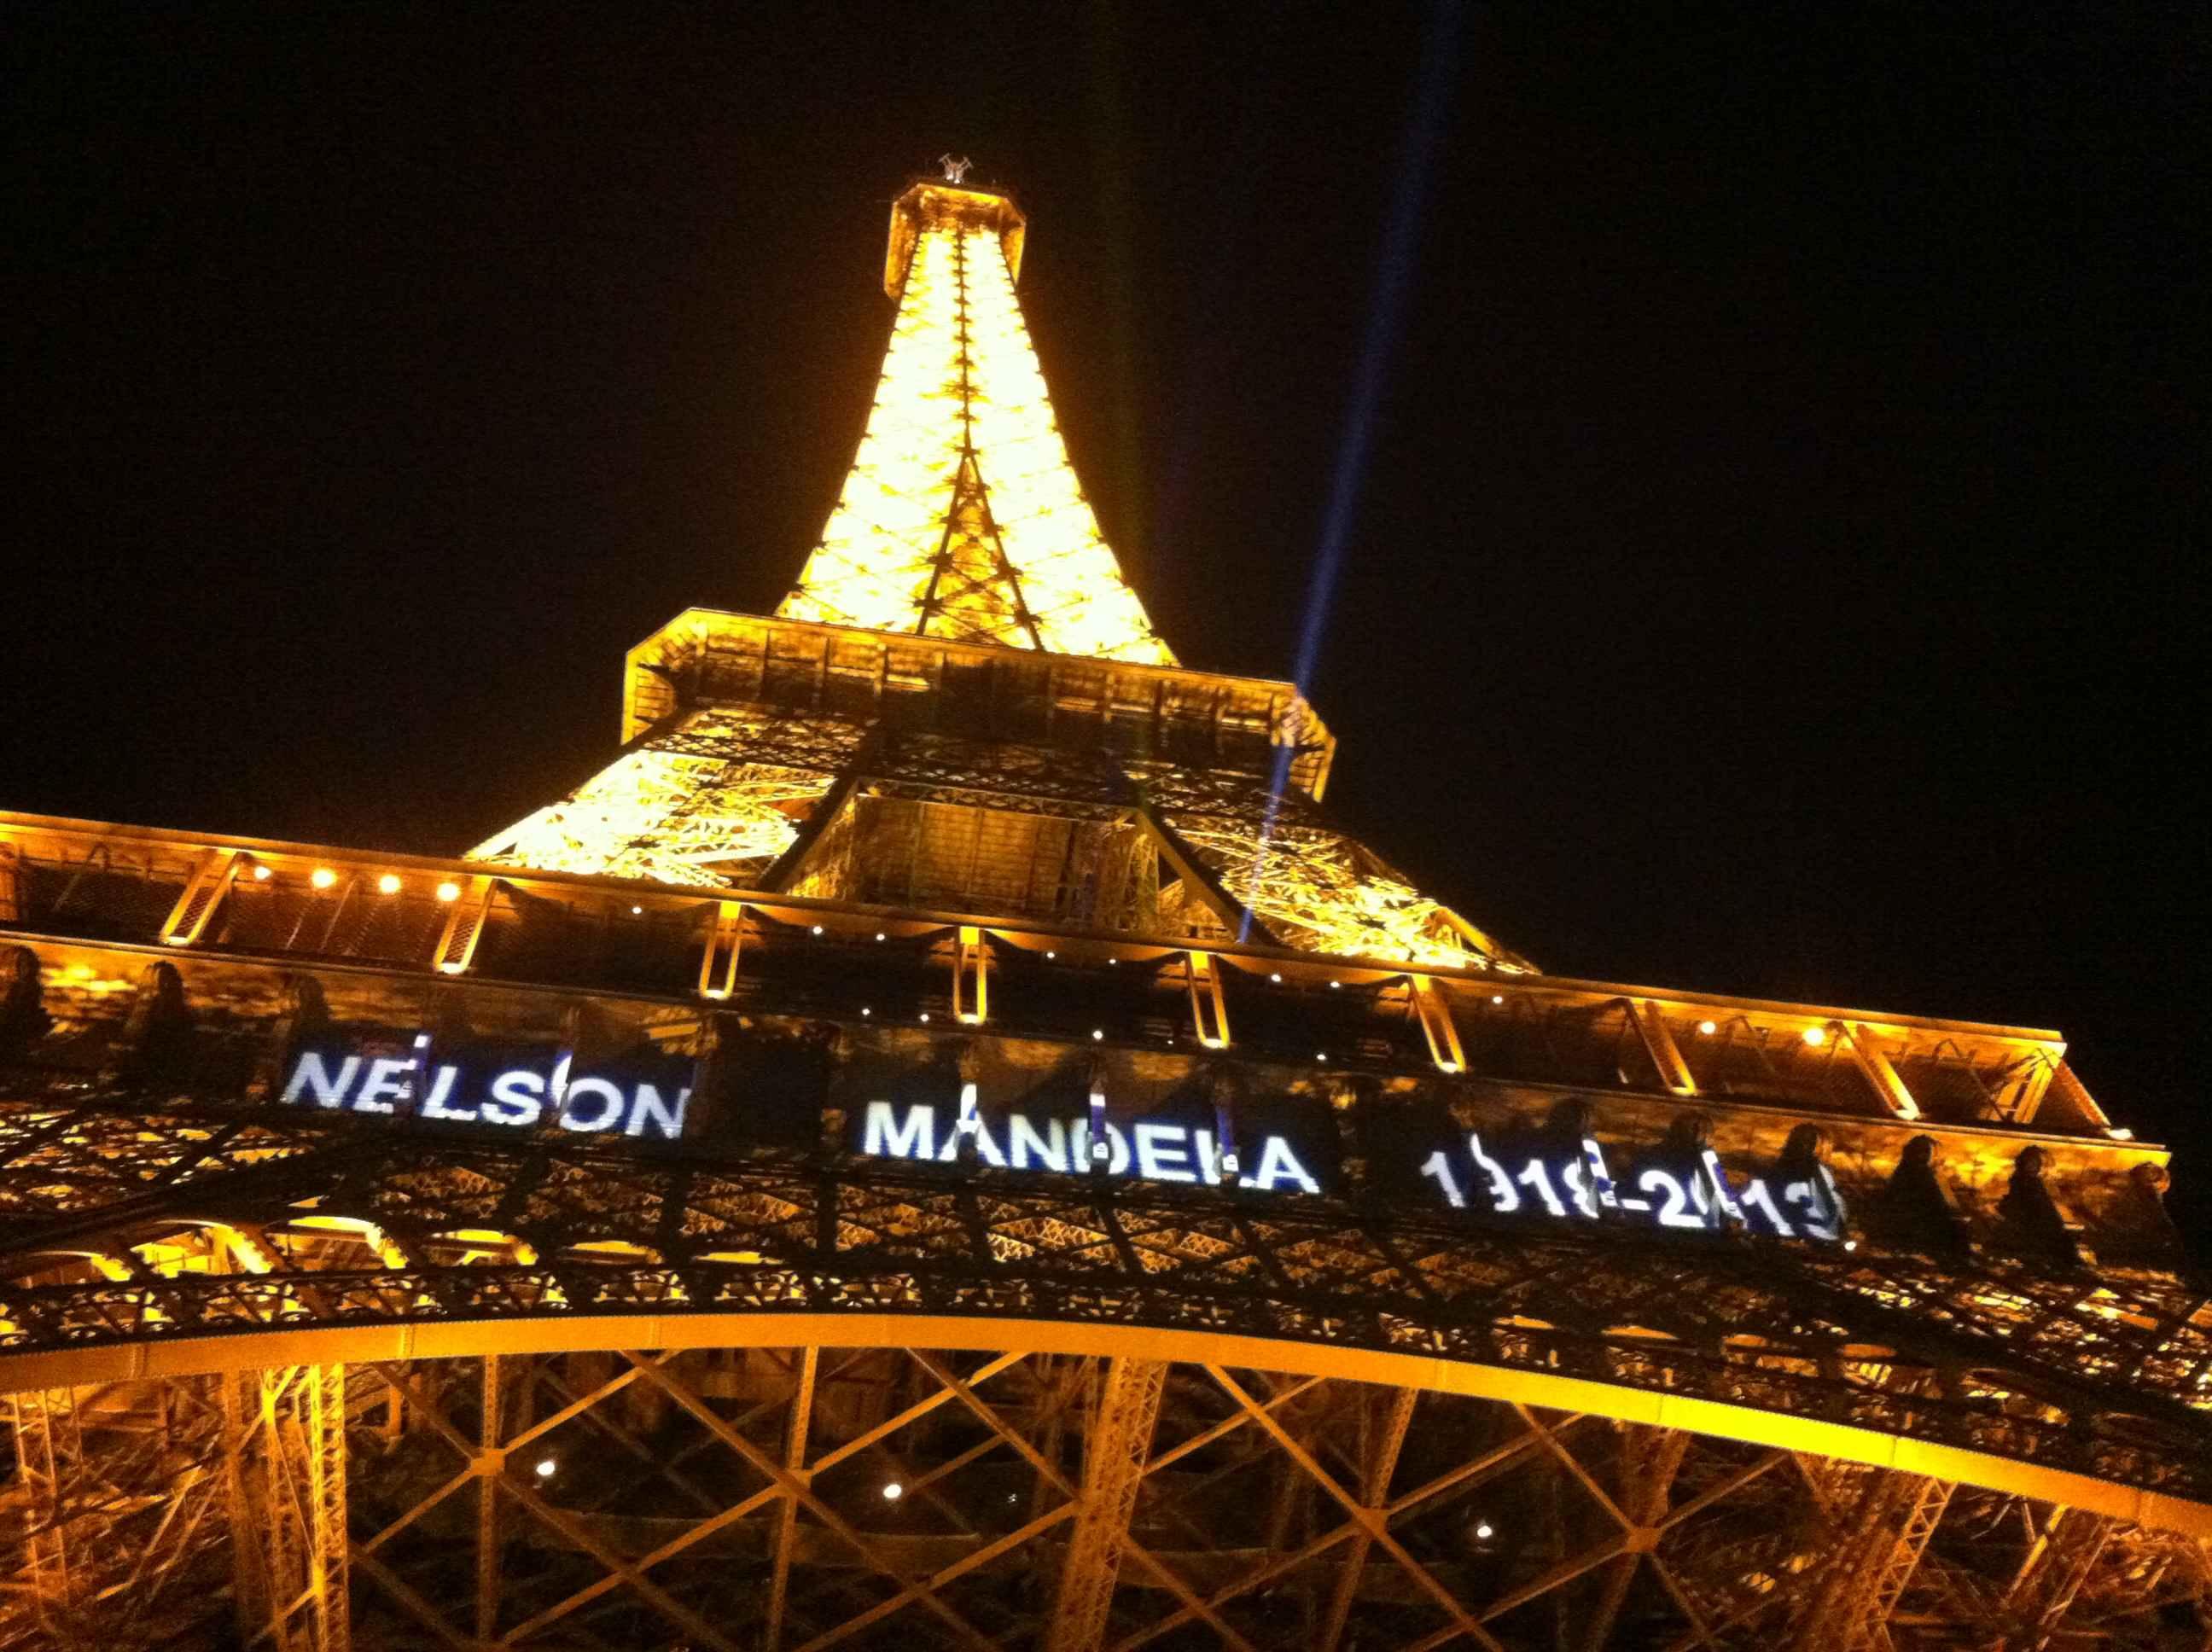 Incontrare Ragazze A Parigi